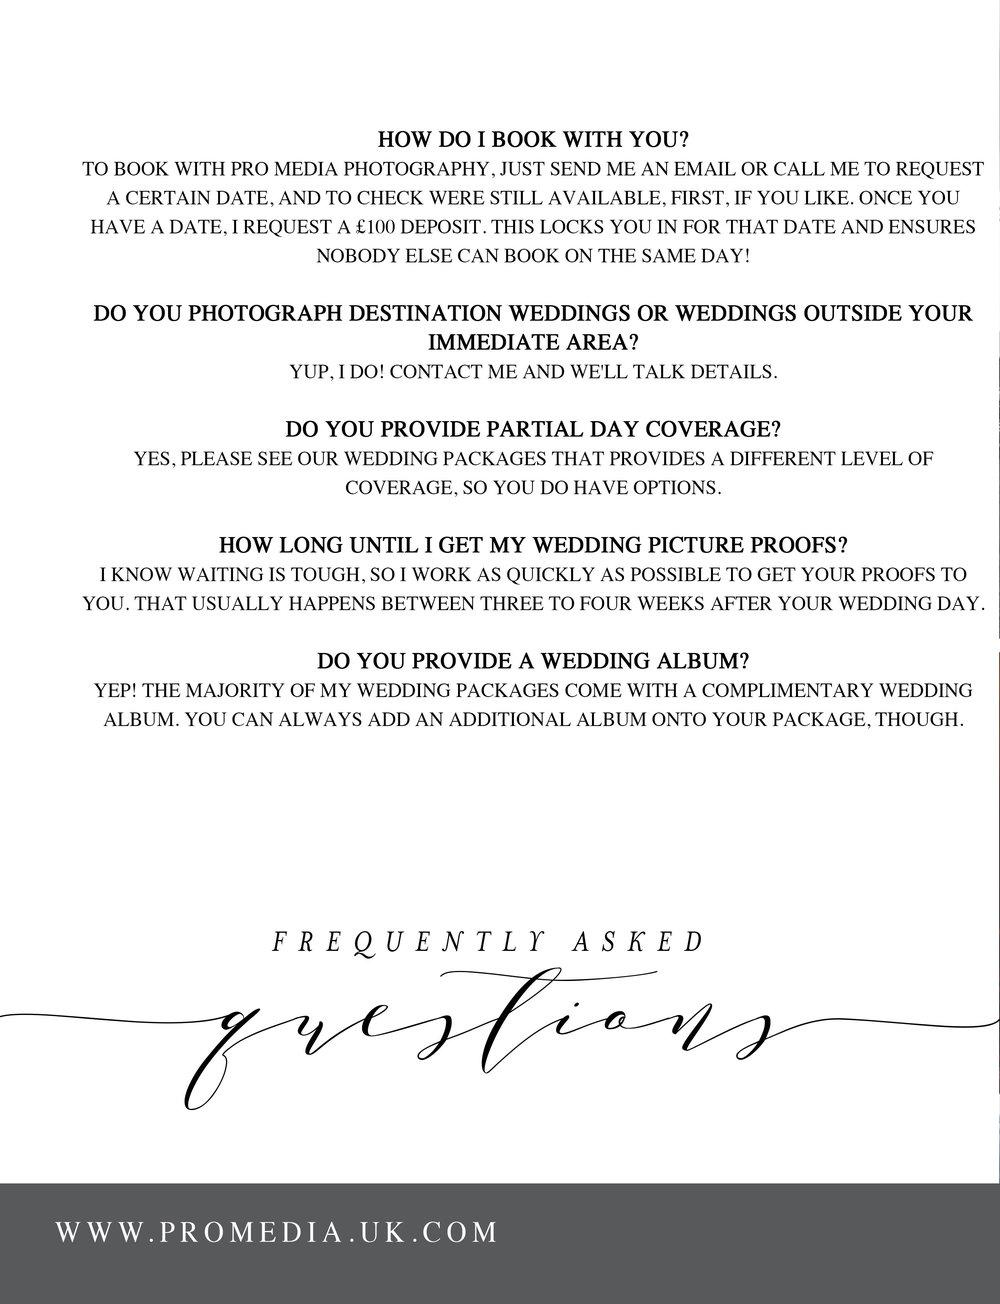 5 - BP4U - Wedding Client Guide - PG 7.jpg